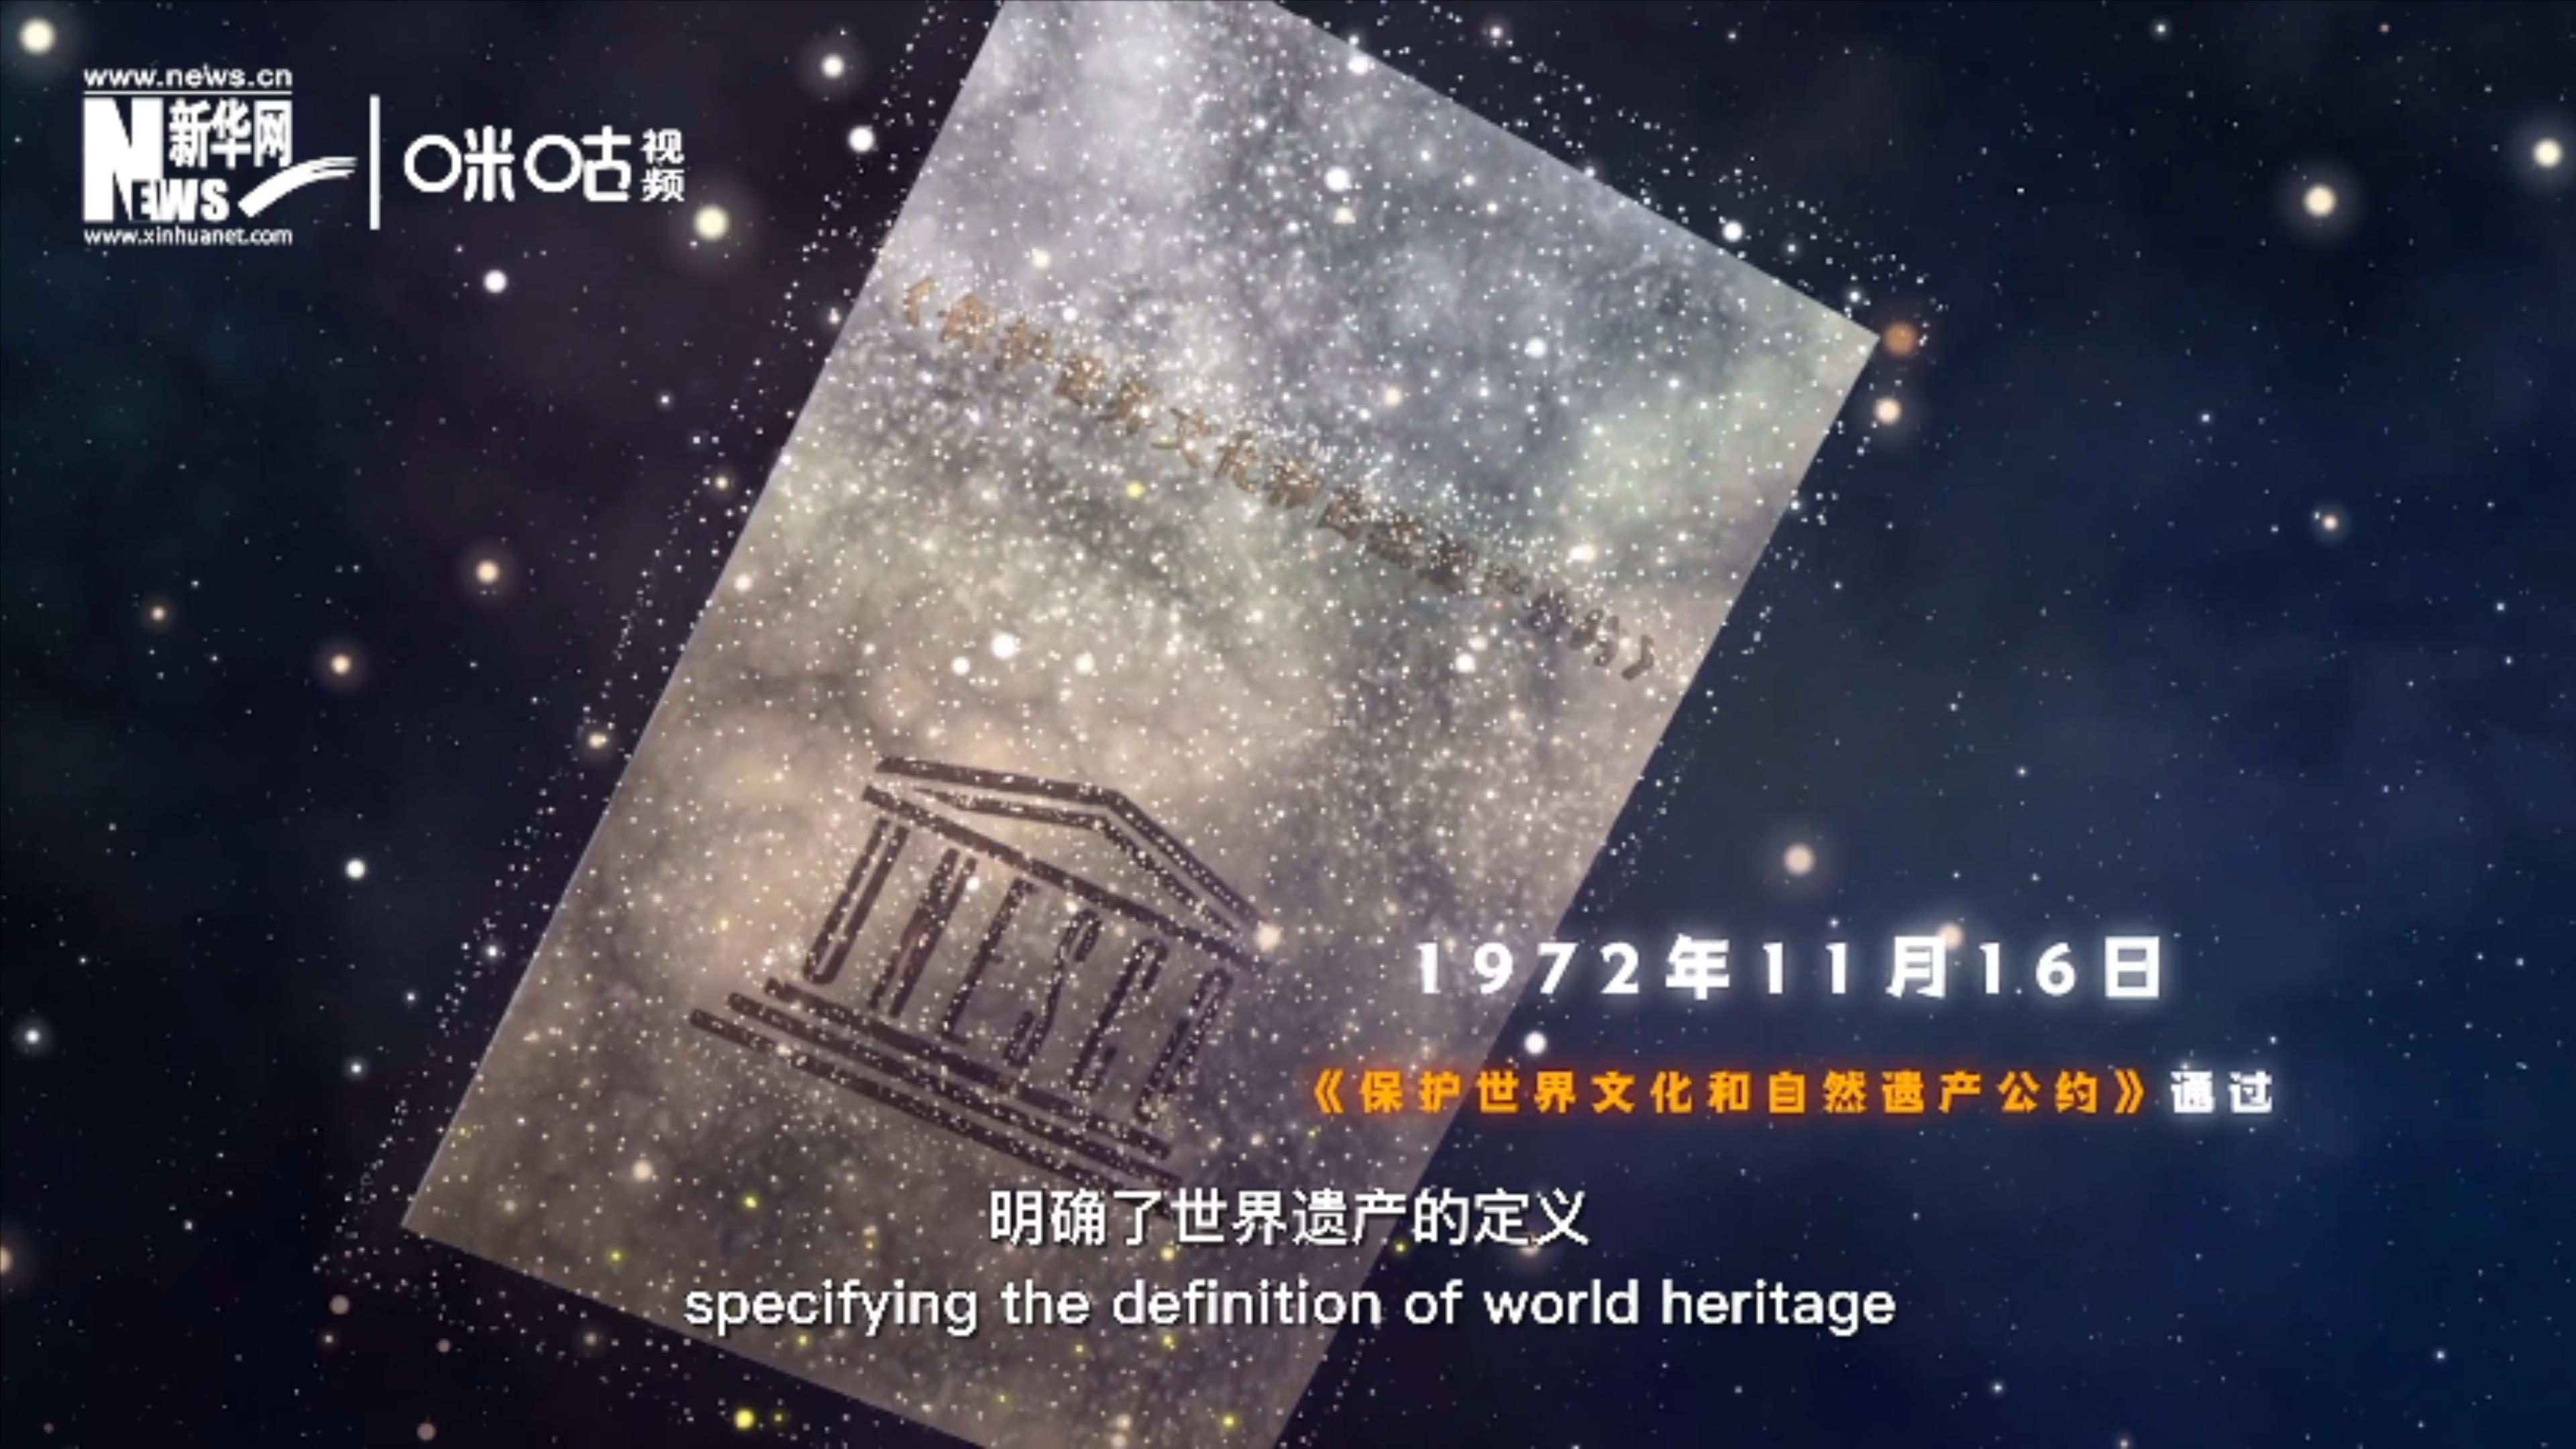 1972年11月16日,聯合國通過了《保護世界文化和自然遺産公約》